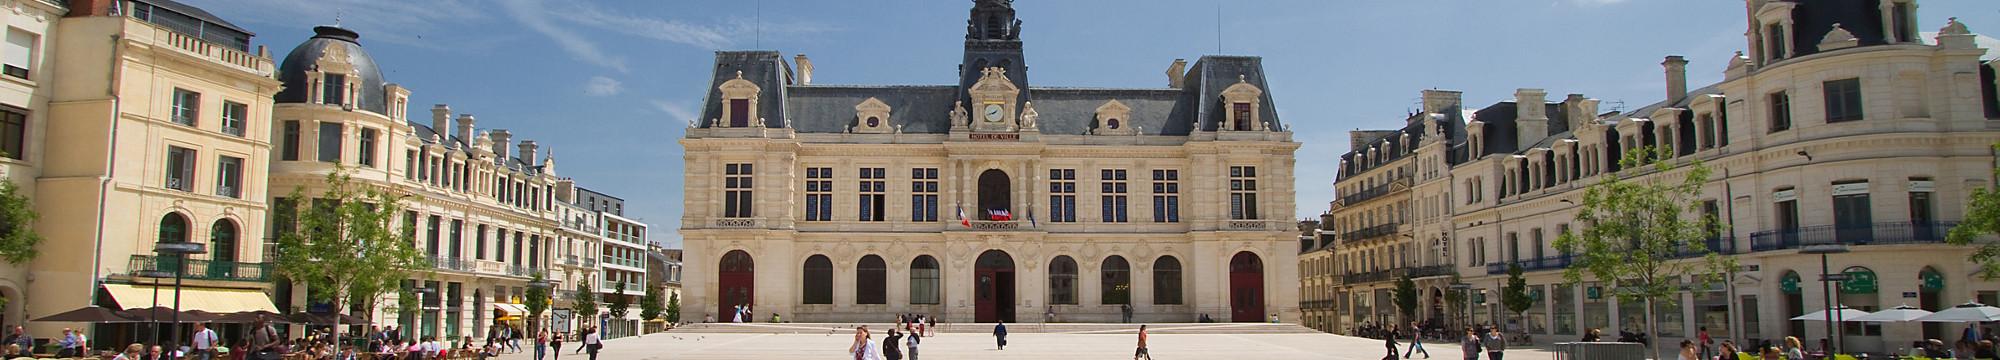 Alternance Sèvre et Vienne à Poitiers